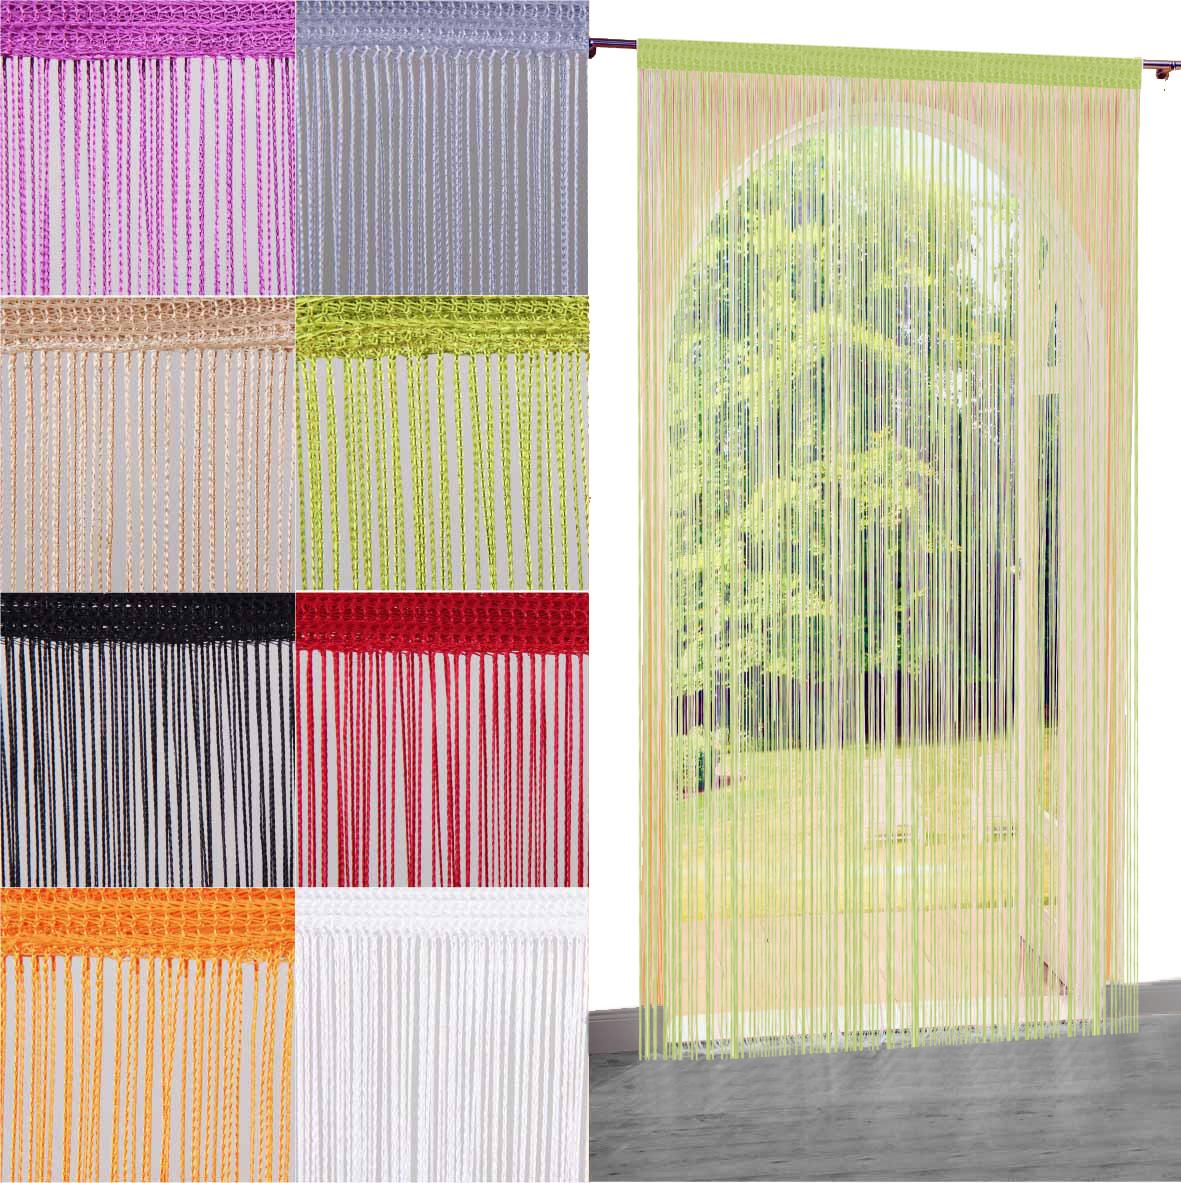 fadenvorhang fadengardine t rvorhang raumteiler gardine vorhang dekoration store ebay. Black Bedroom Furniture Sets. Home Design Ideas